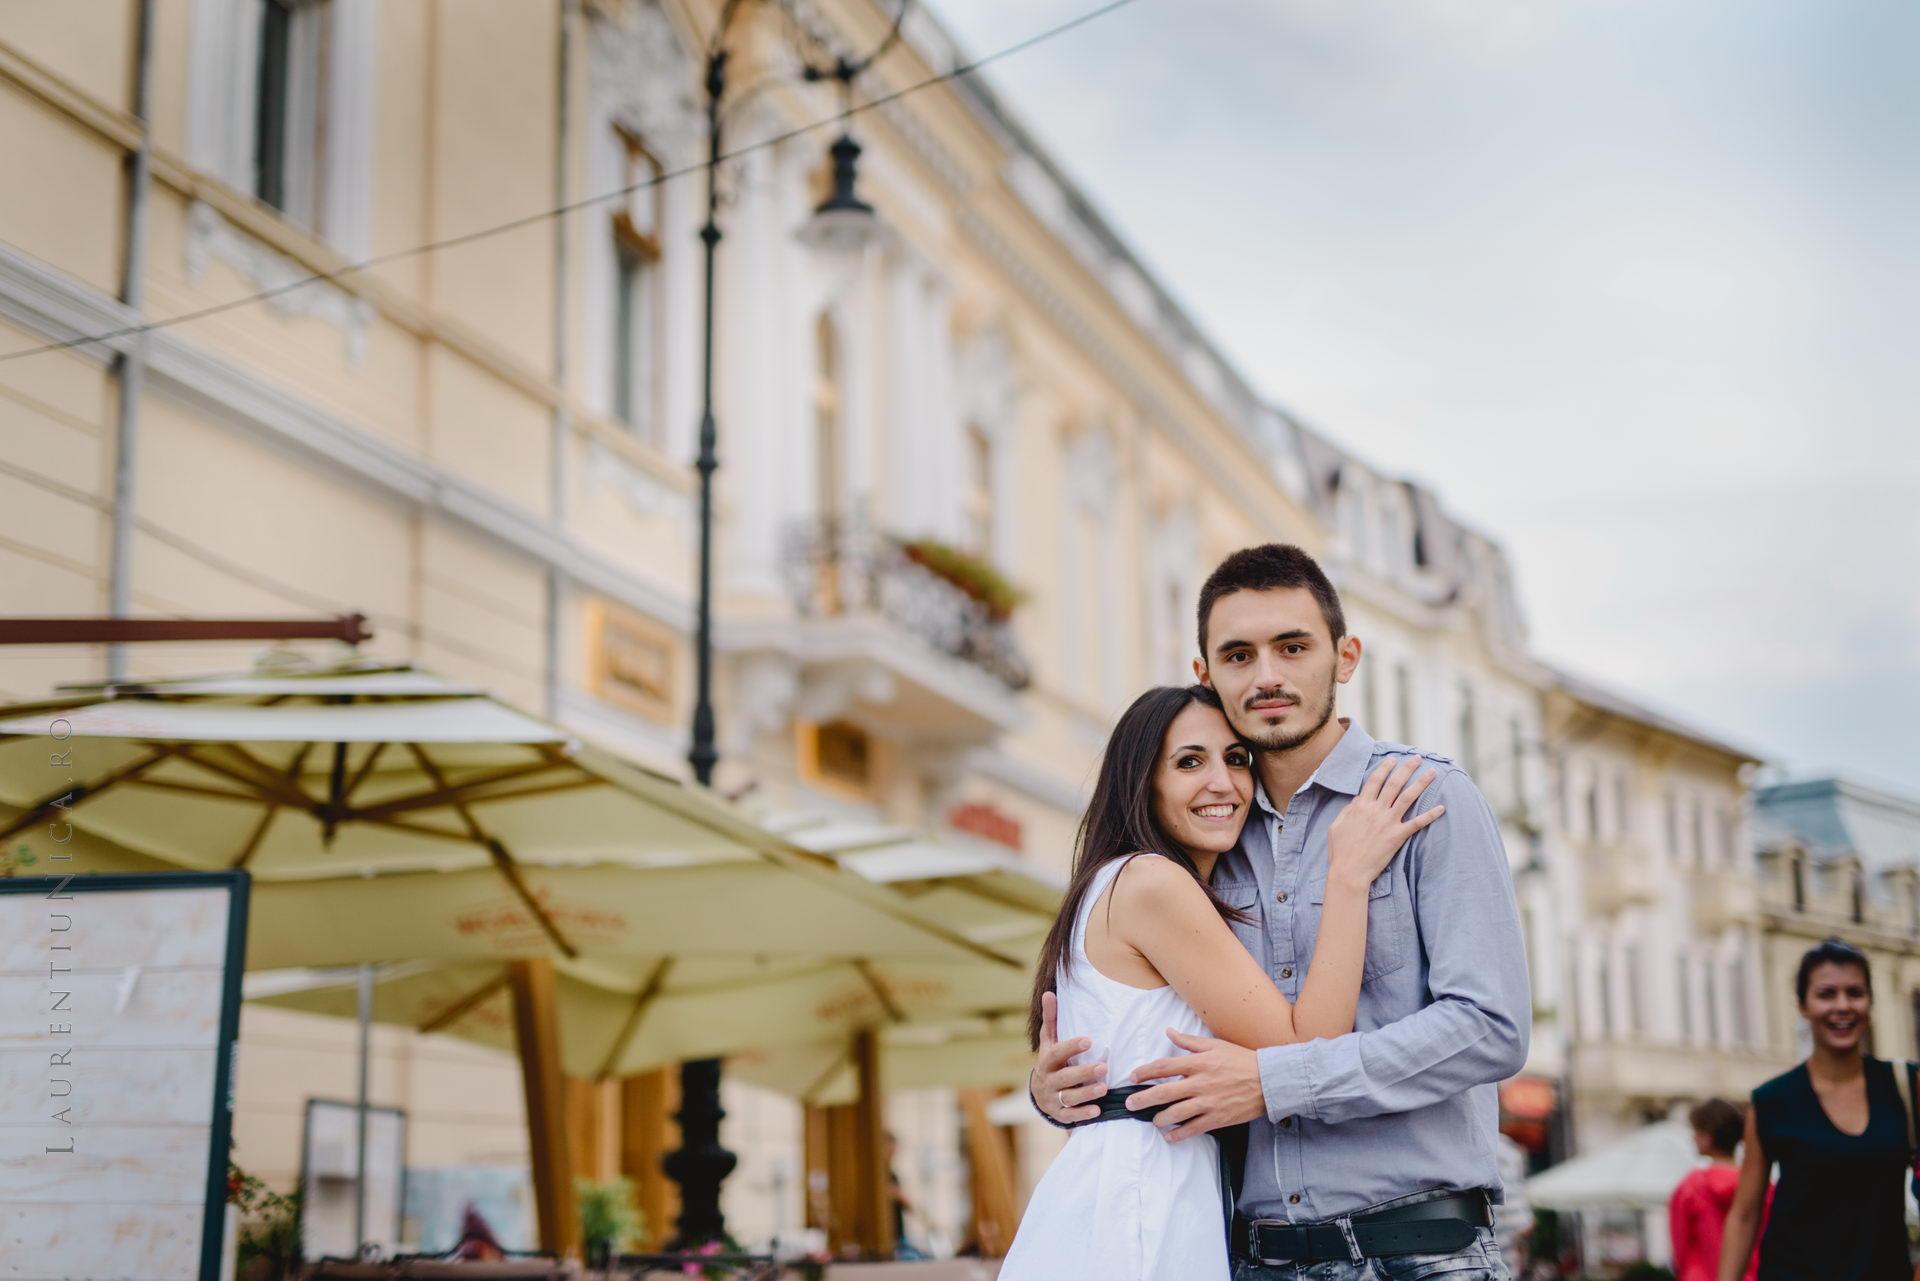 sedinta foto save the date fotograf laurentiu nica craiova 26 - Ramona & Marius | Sedinta foto Save the Date